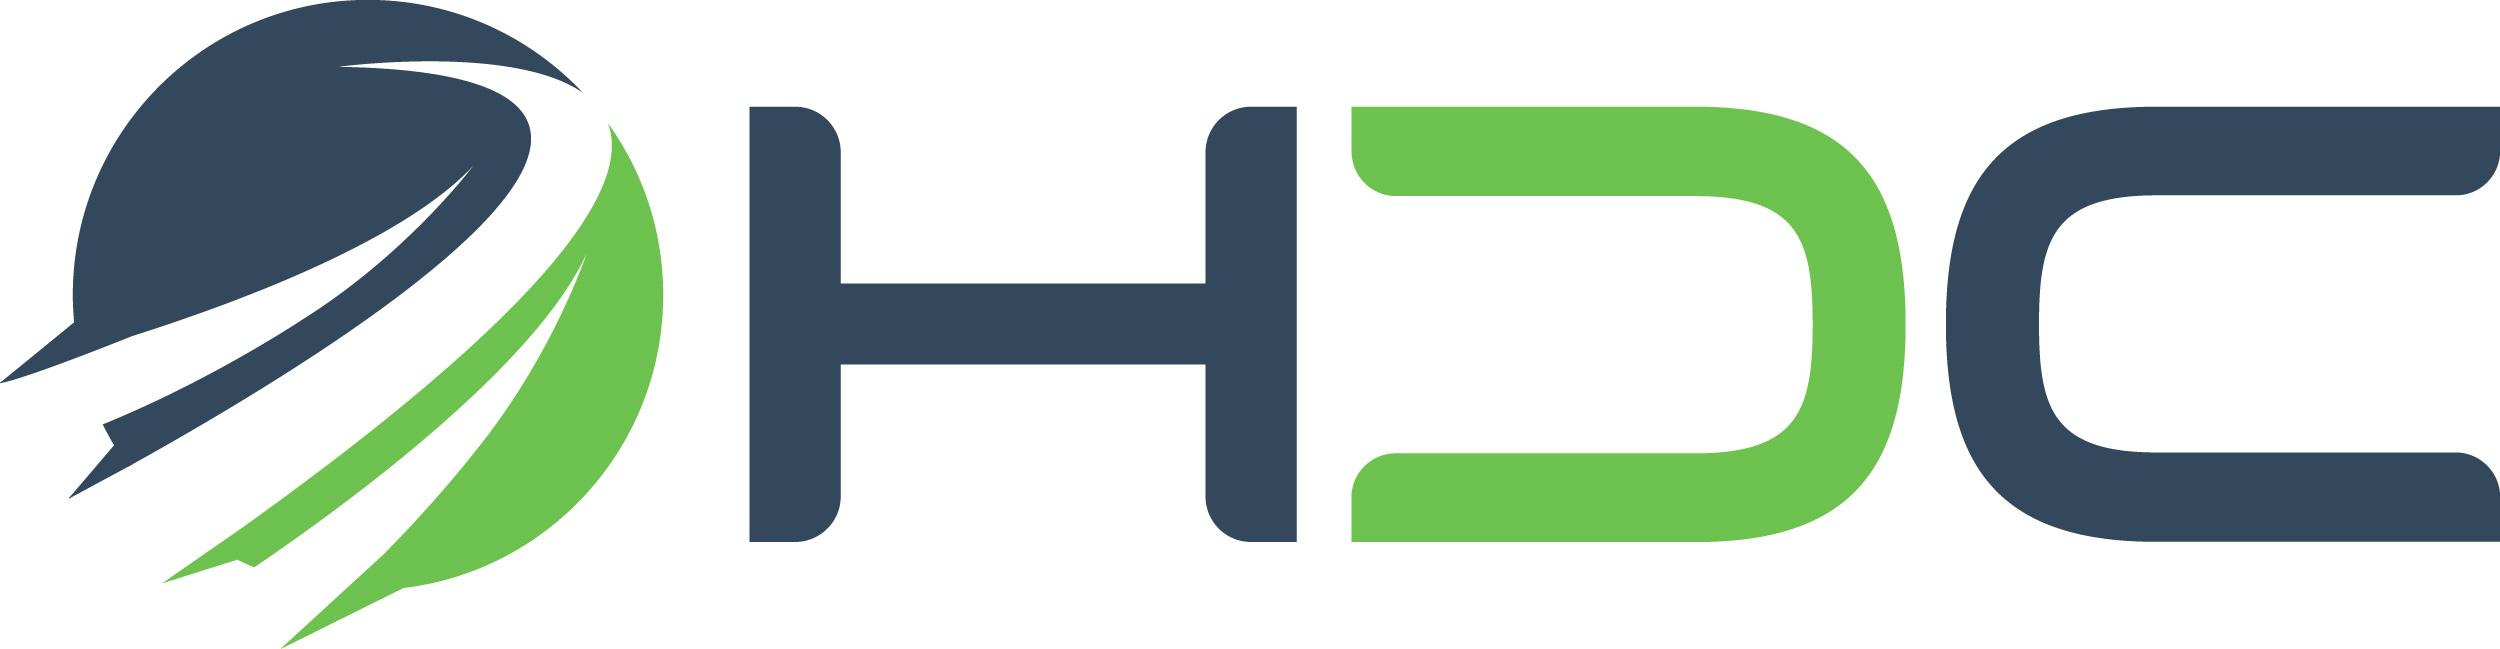 HDConsultingLogo.jpg